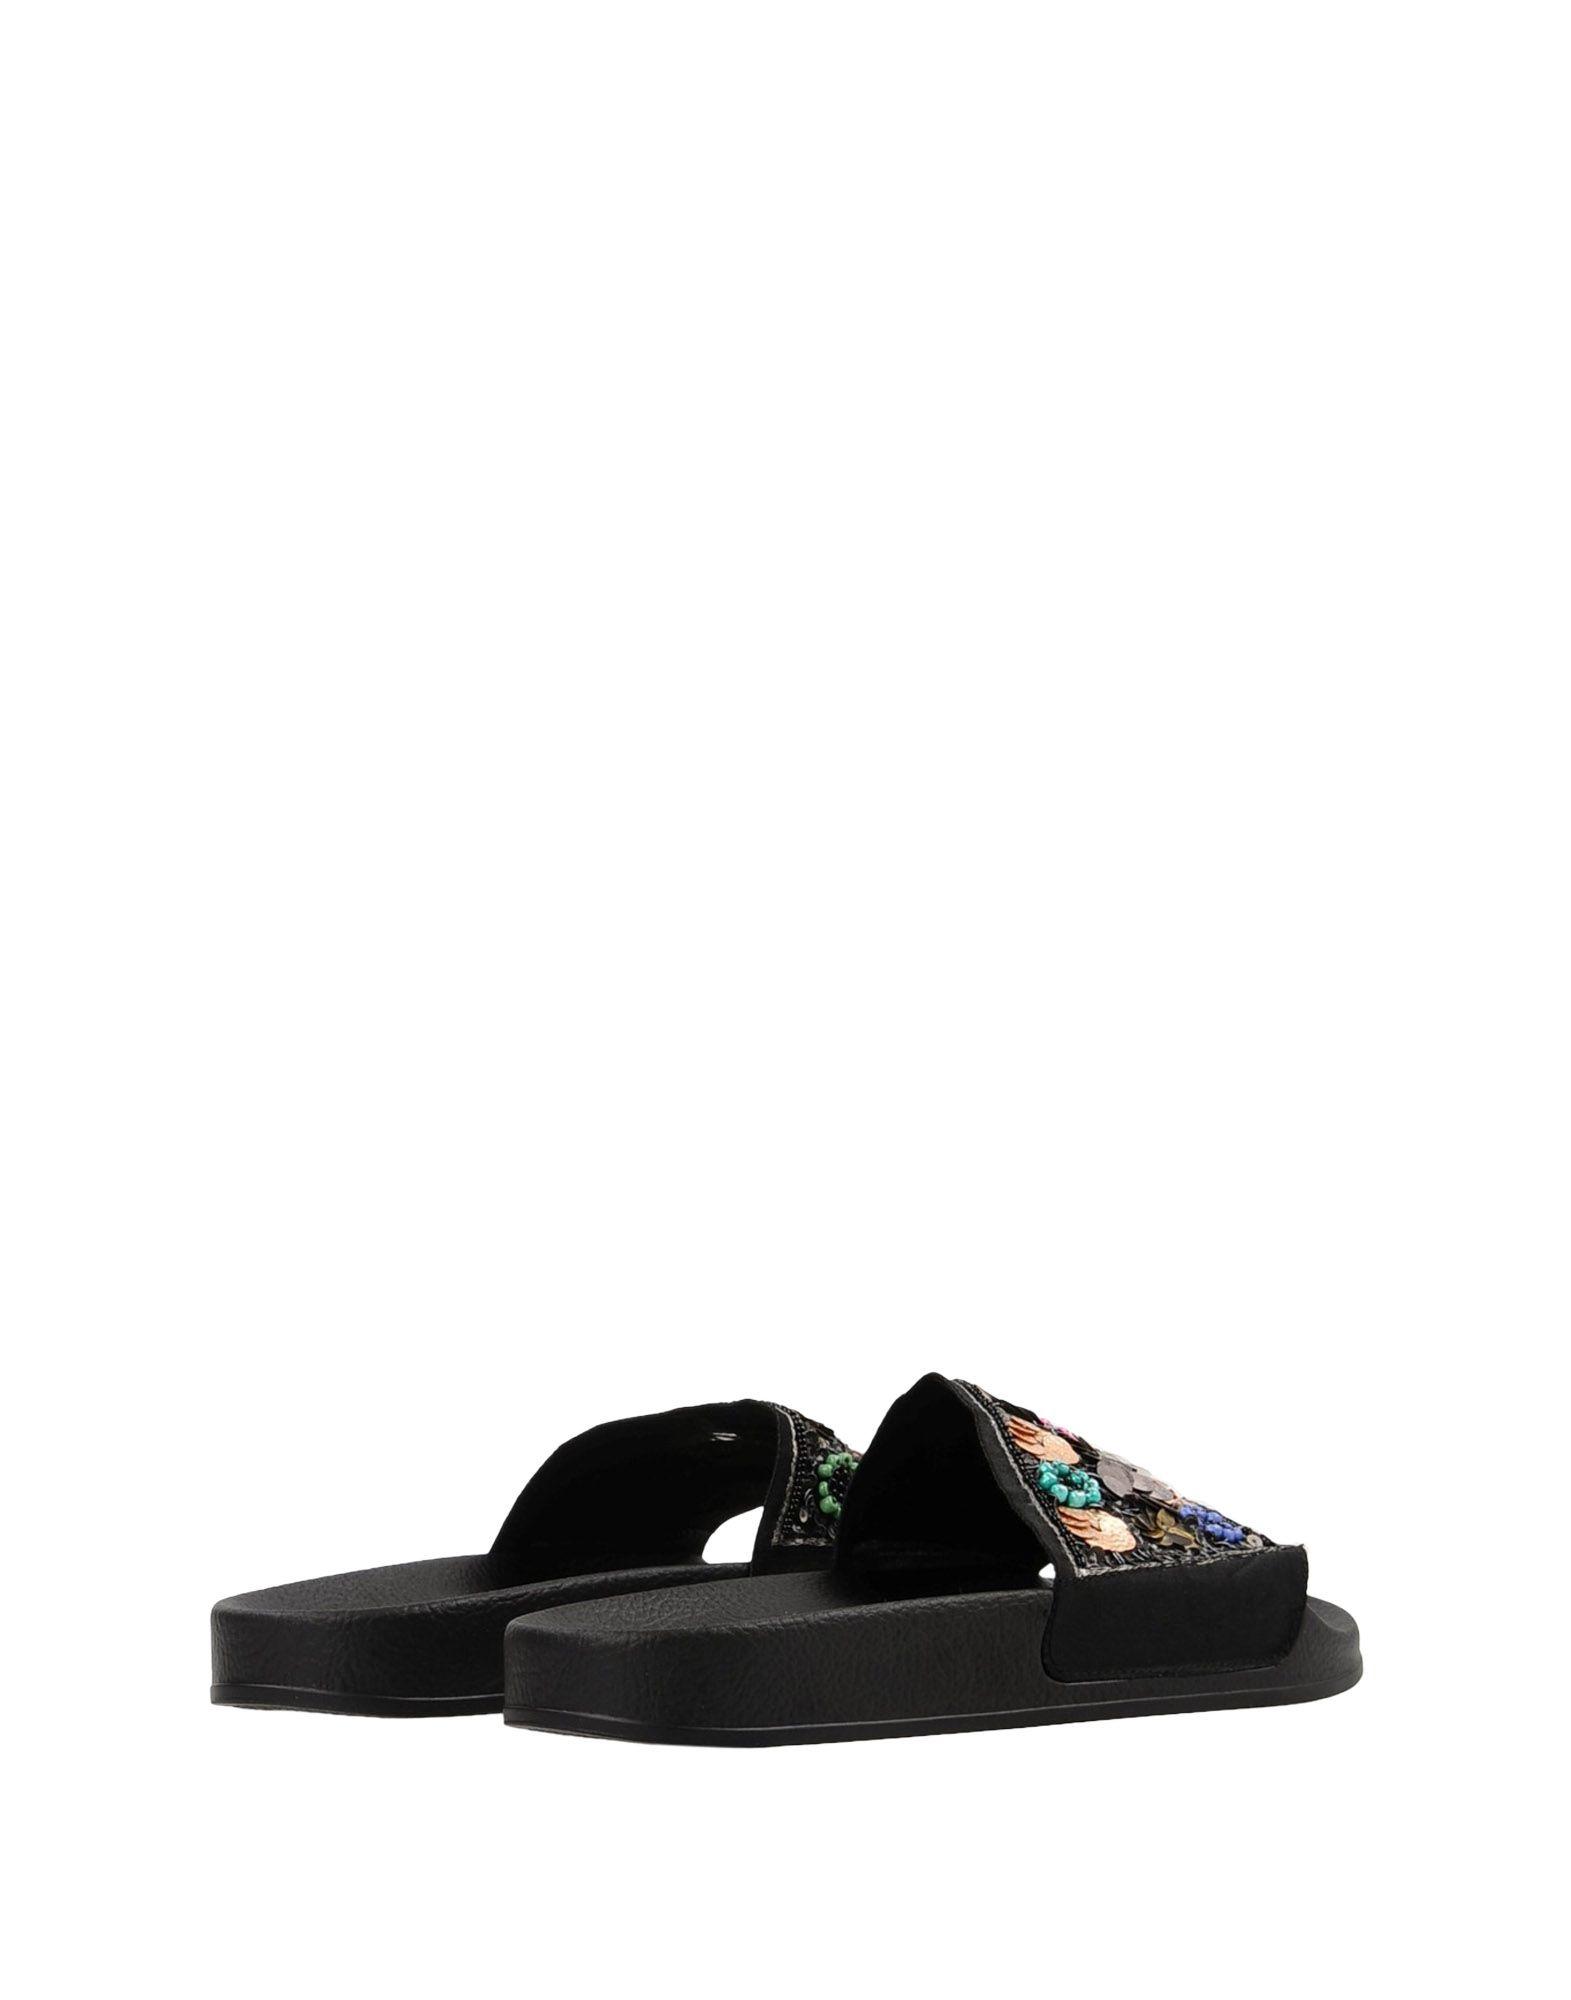 Steve Madden Gute Maddy Slipper  11436957JI Gute Madden Qualität beliebte Schuhe 025574